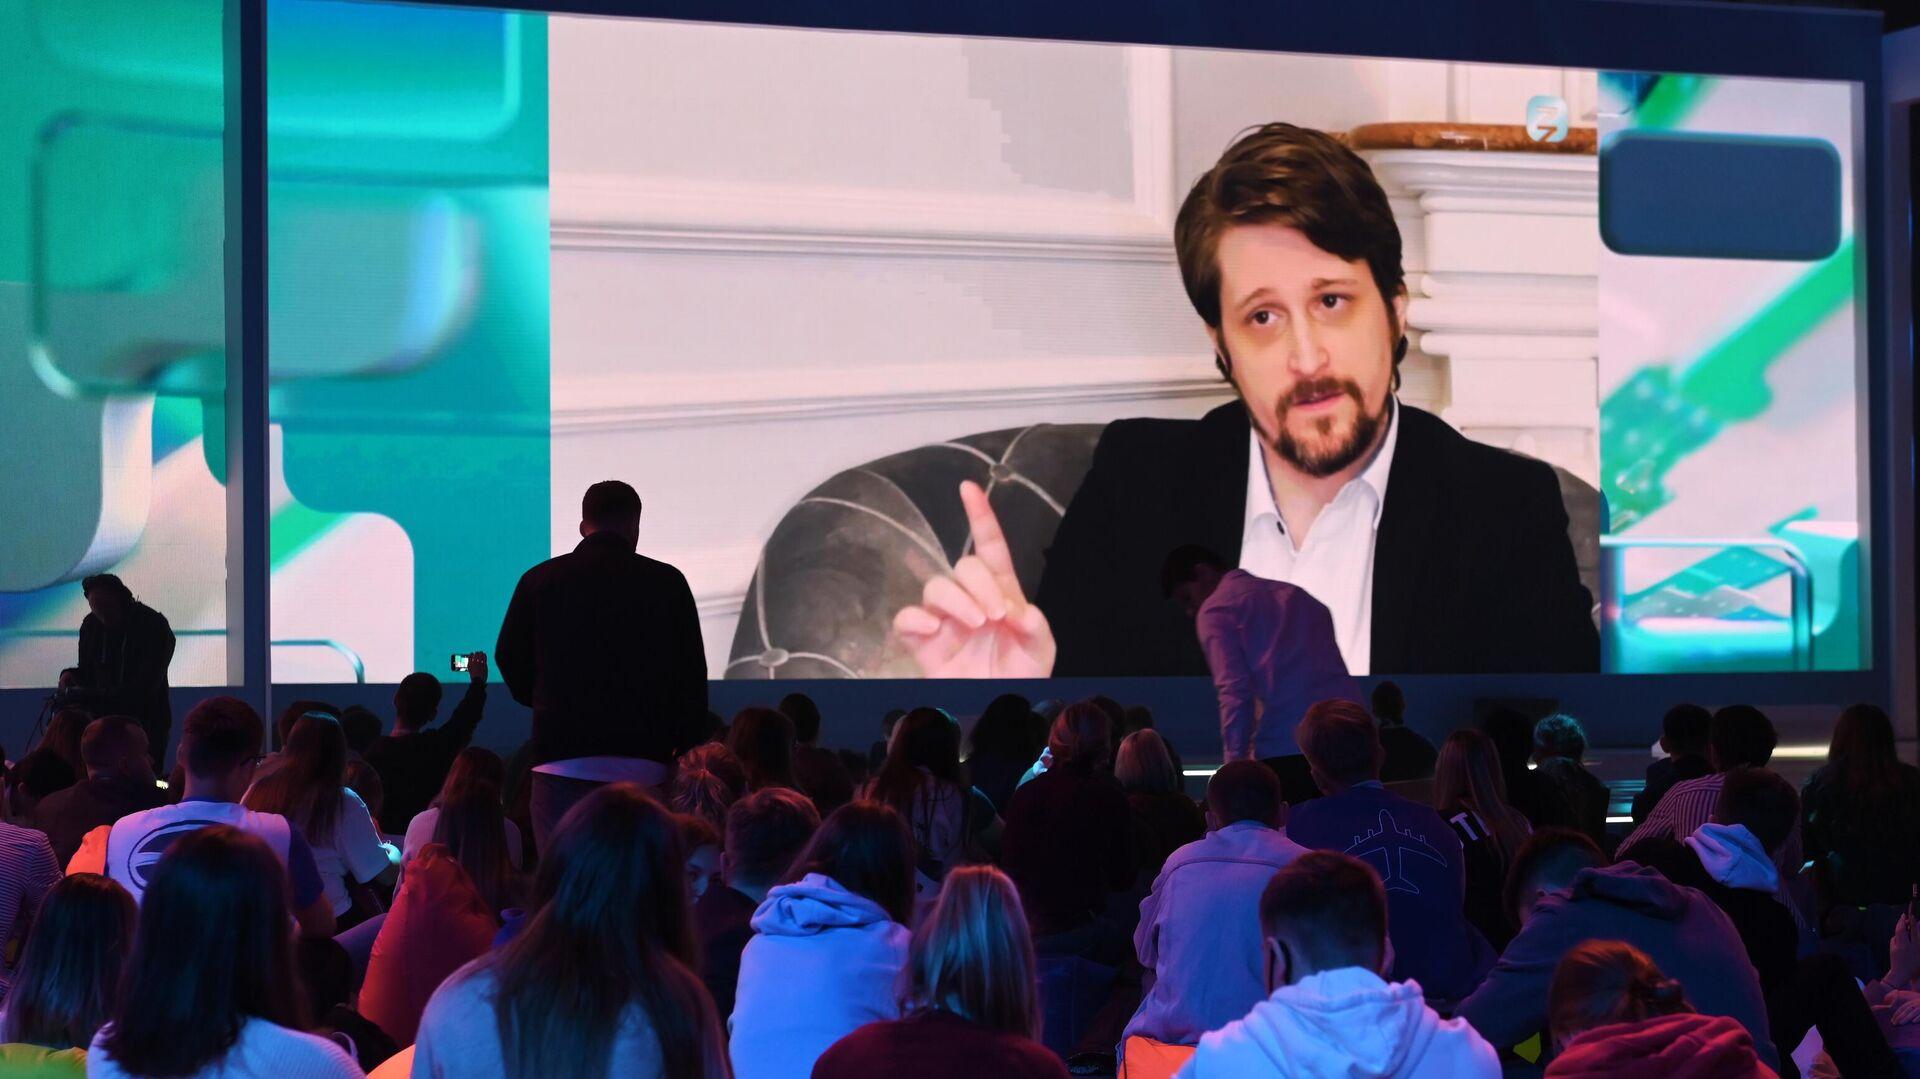 Эдвард Сноуден во время выступления - Sputnik Грузия, 1920, 02.09.2021